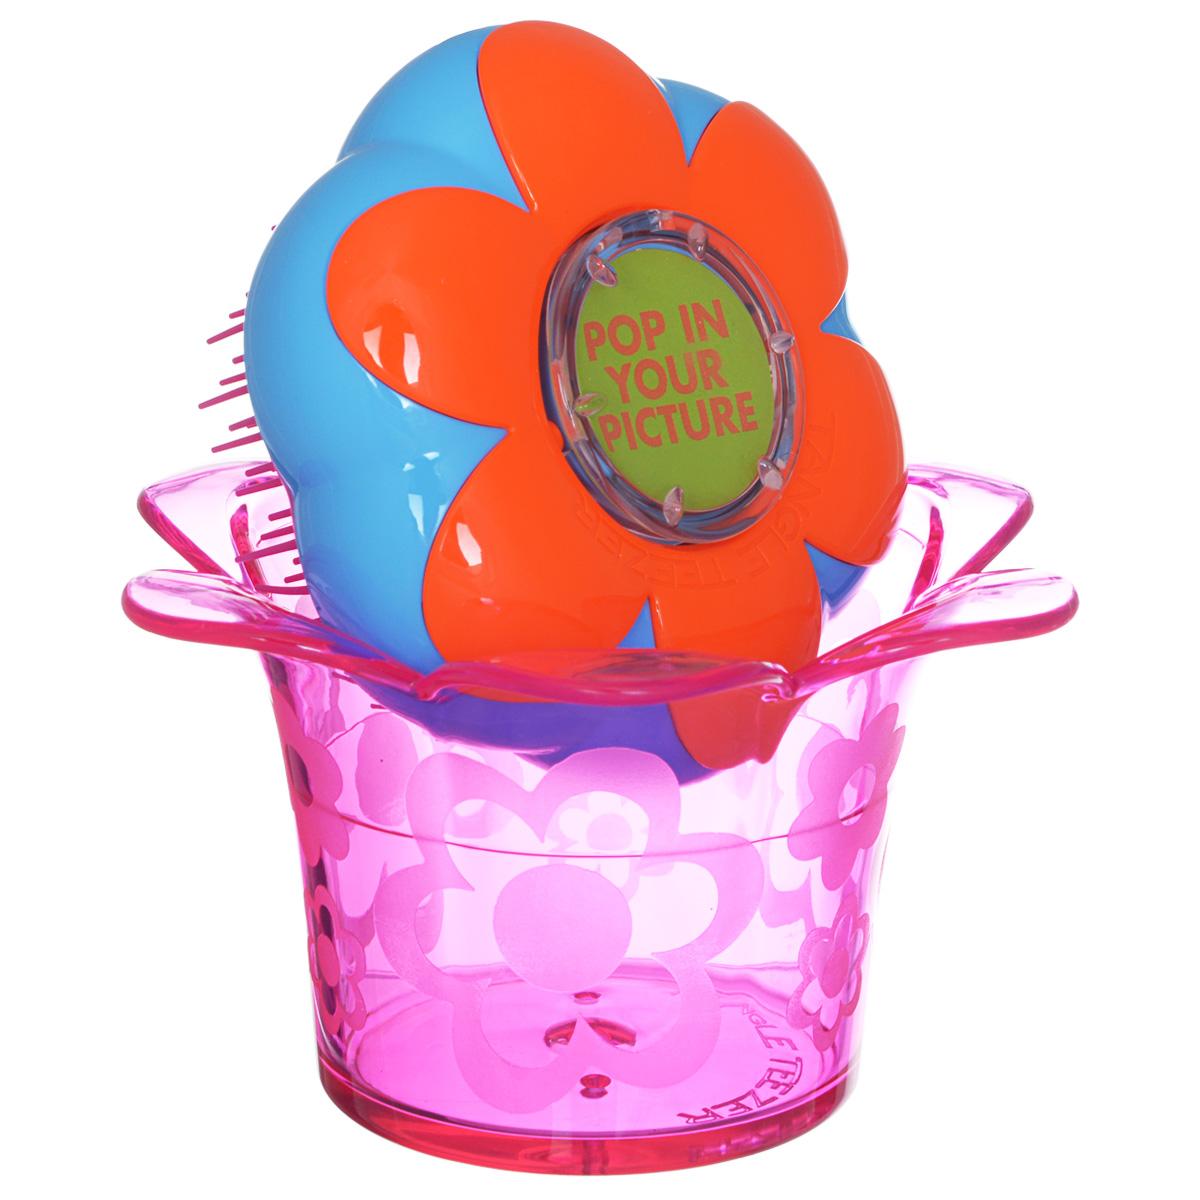 Tangle Teezer Расческа для волос Magic Flowerpot. Popping PurpleFP-PU-011212Детская распутывающая чудо-расческа Tangle Teezer Magic Flowerpot. Popping Purple идеально подходит для всех типов волос. Оригинальная форма зубчиков обеспечивает двойное действие и позволяет быстро и безболезненно расчесать влажные и сухие волосы, не нарушая структуру детских волос. Подходит детям от 3-х лет. Благодаря эргономичному дизайну, расческу удобно держать в руках, не опасаясь выскальзывания. Расческа дополнена оригинальной подставкой, в которой можно хранить различные резиночки и заколочки. Товар сертифицирован.